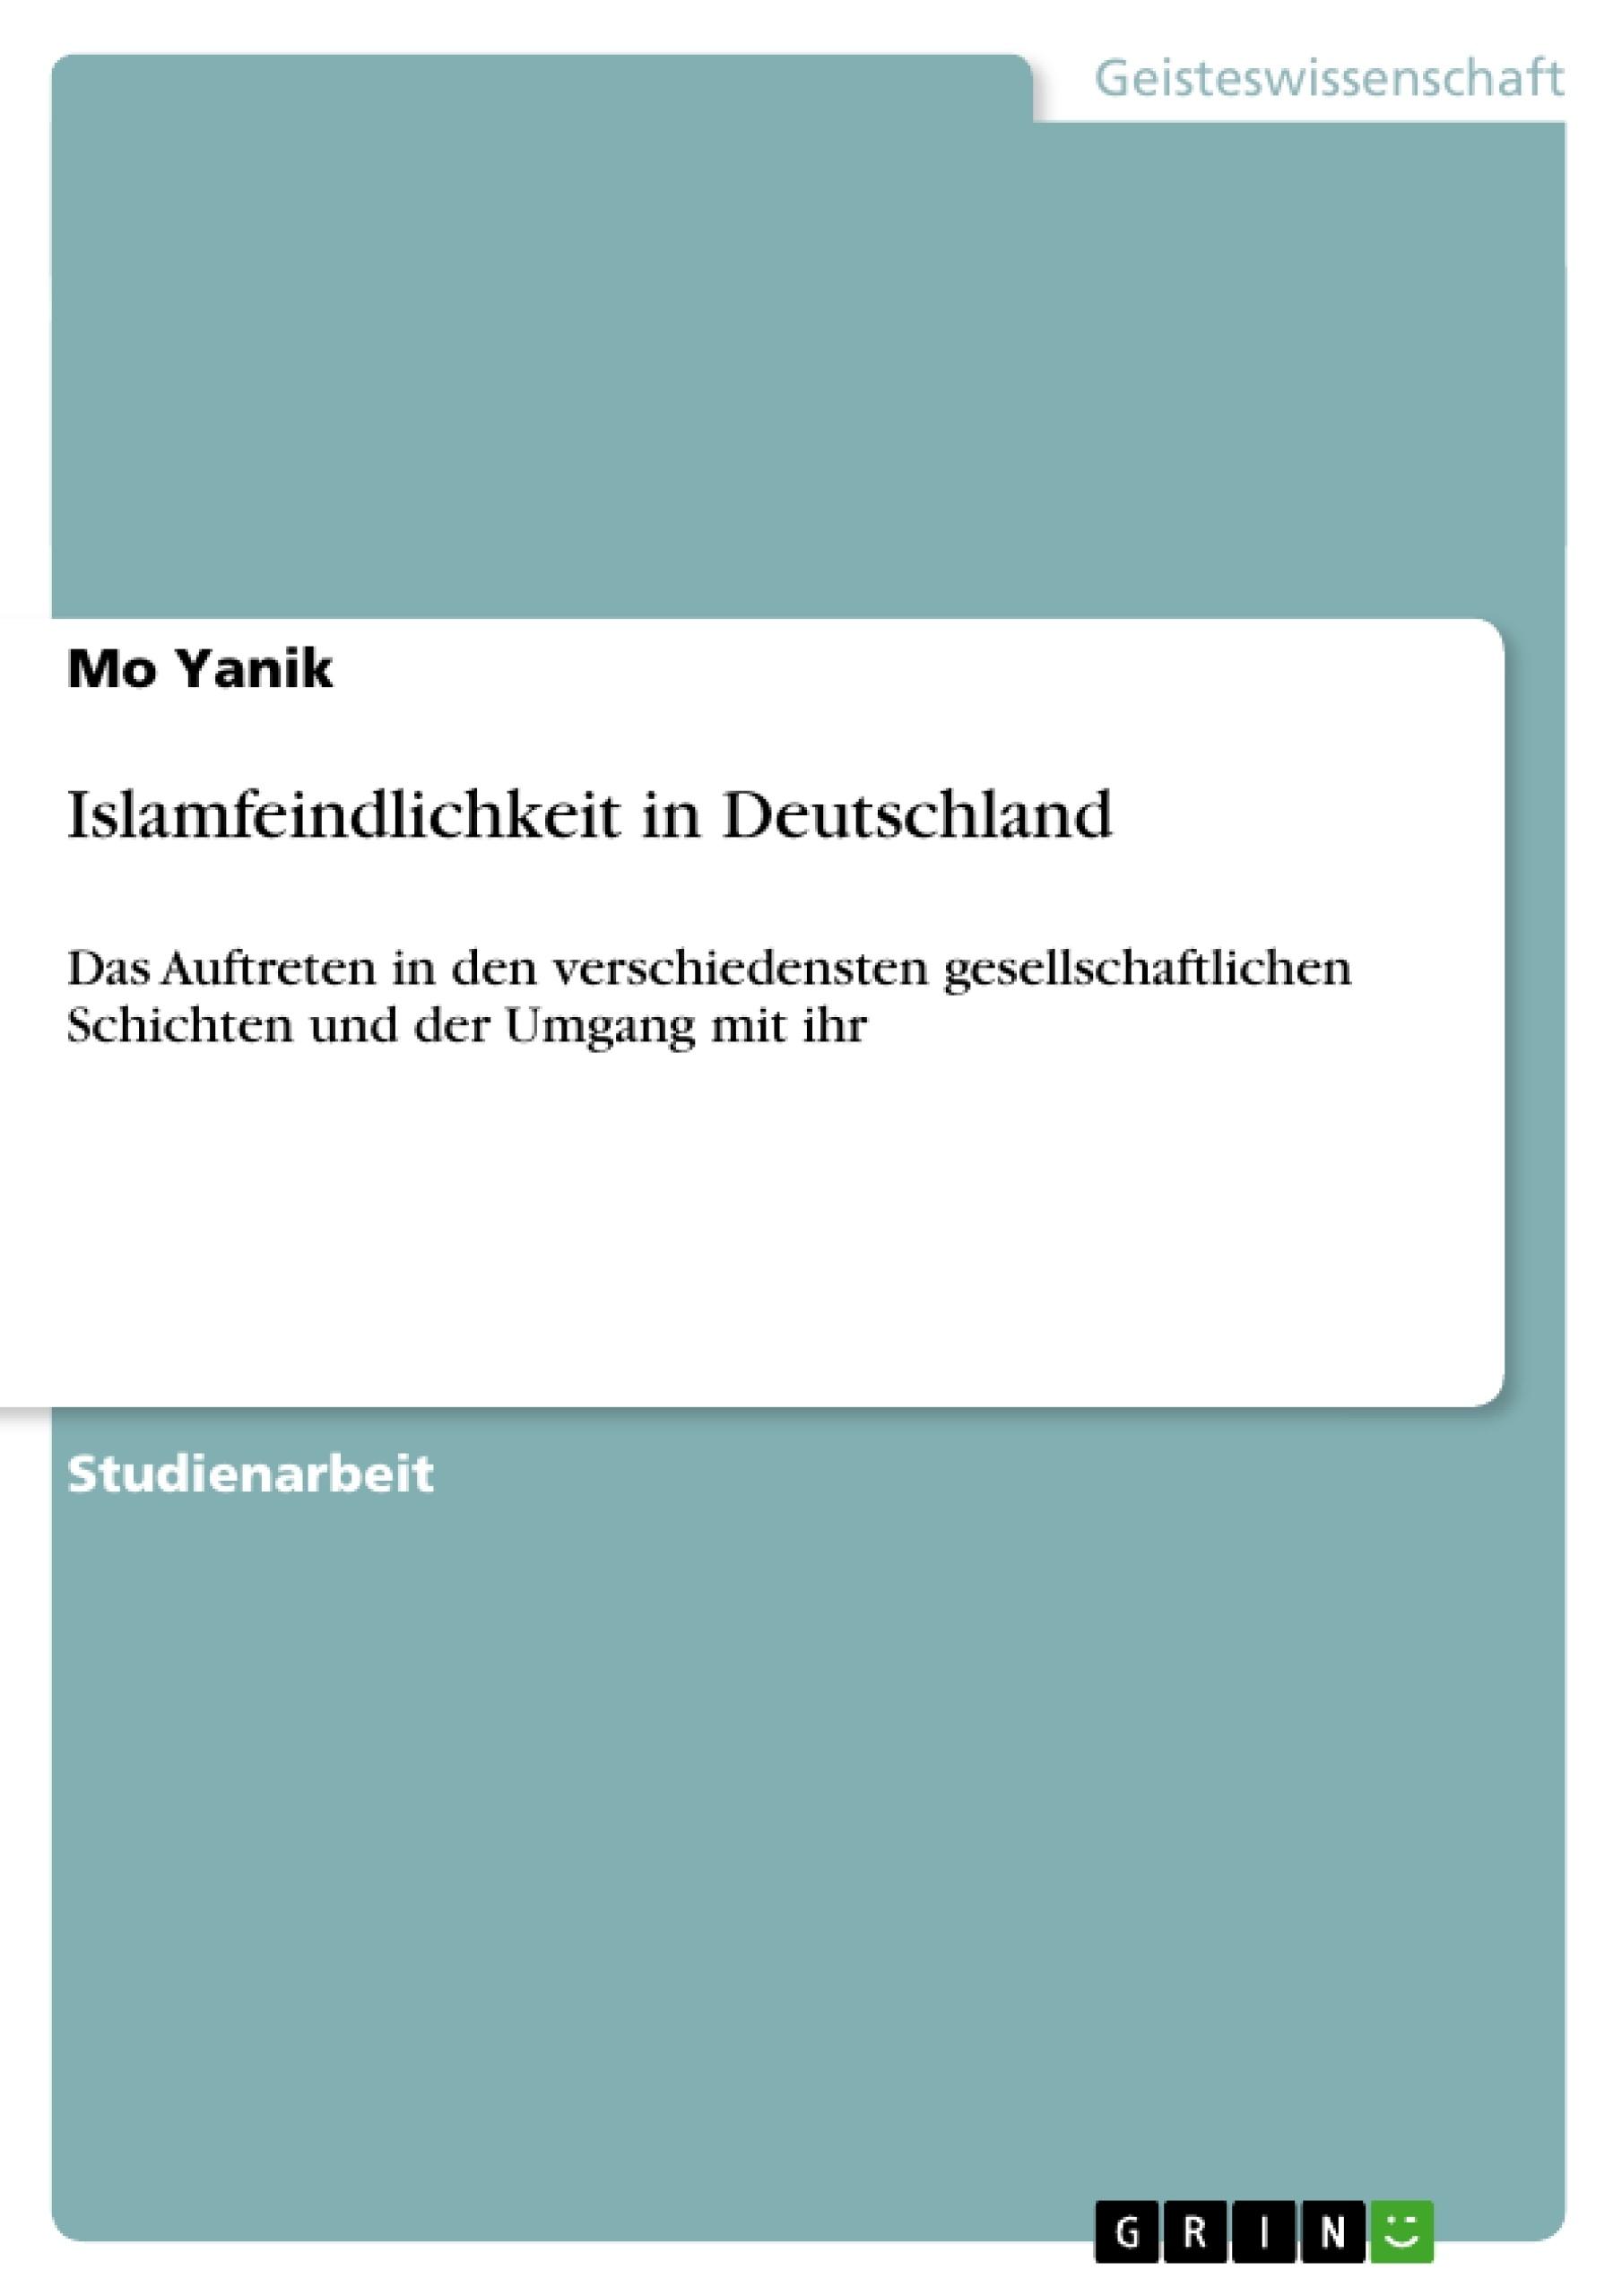 Titel: Islamfeindlichkeit in Deutschland